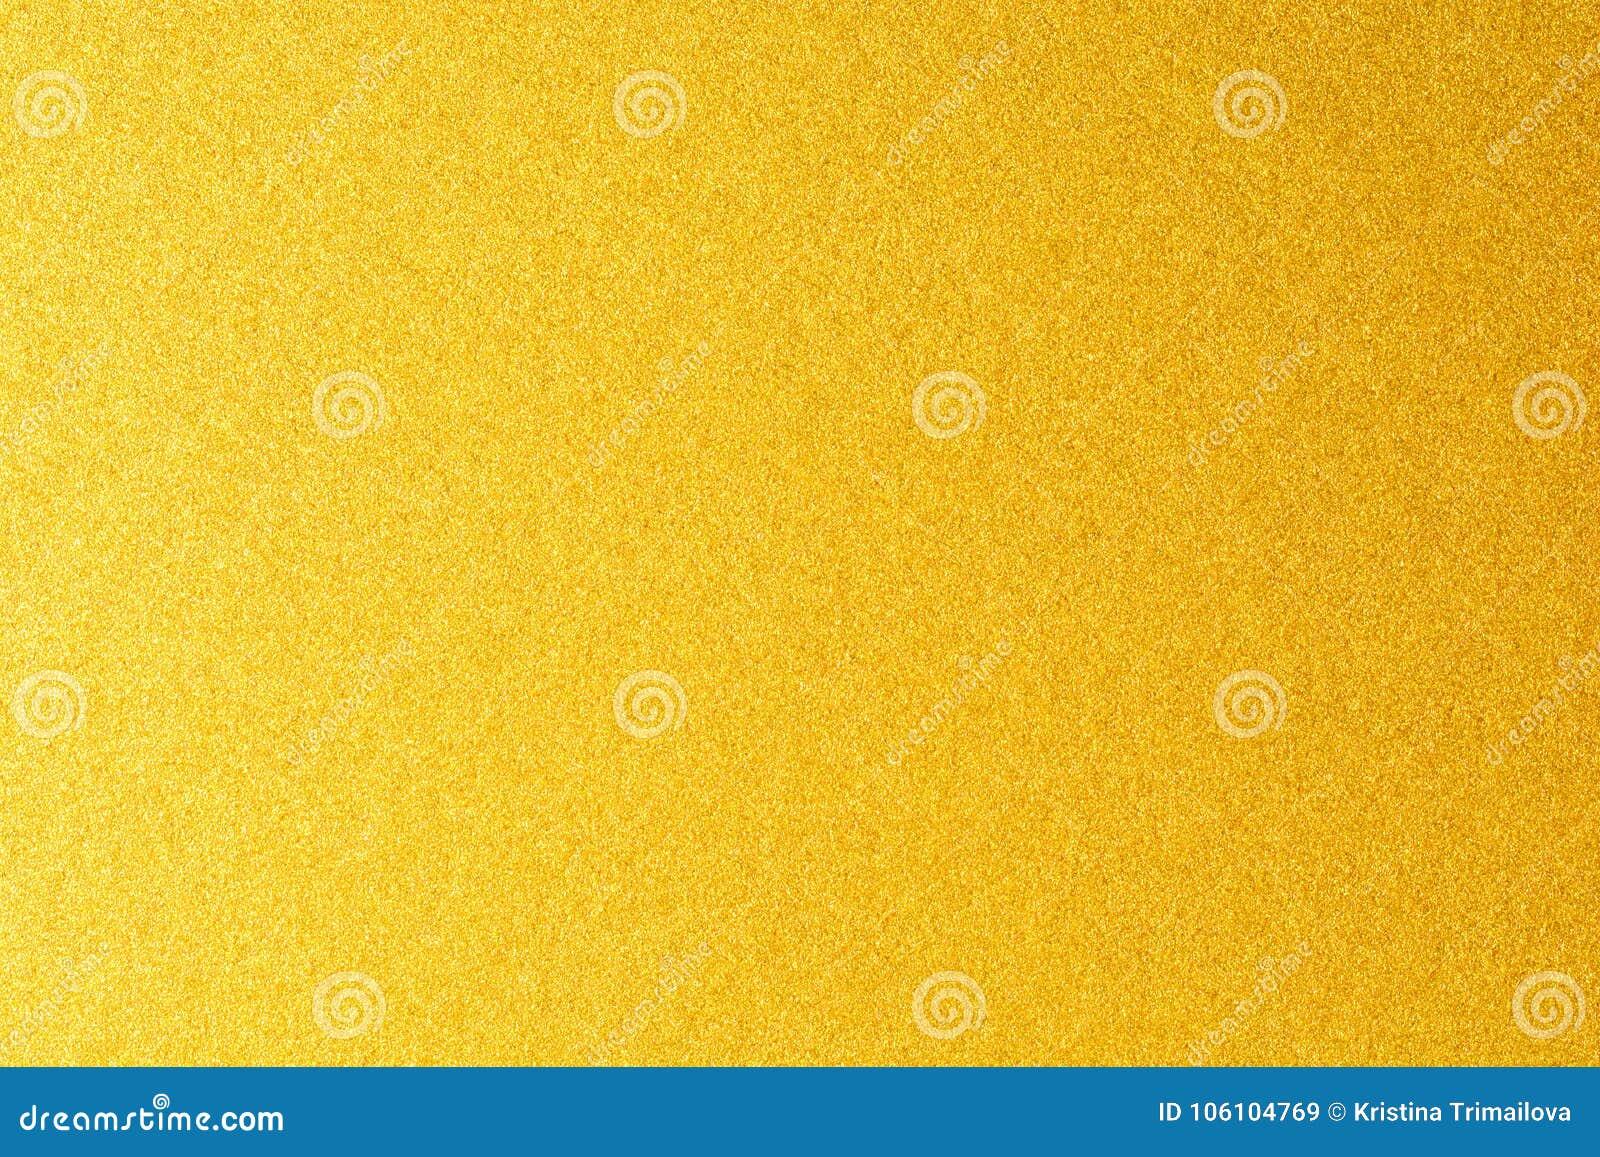 Detalhes de fundo dourado da textura Parede da pintura da cor do ouro Fundo e papel de parede dourados luxuosos Folha de ouro ou